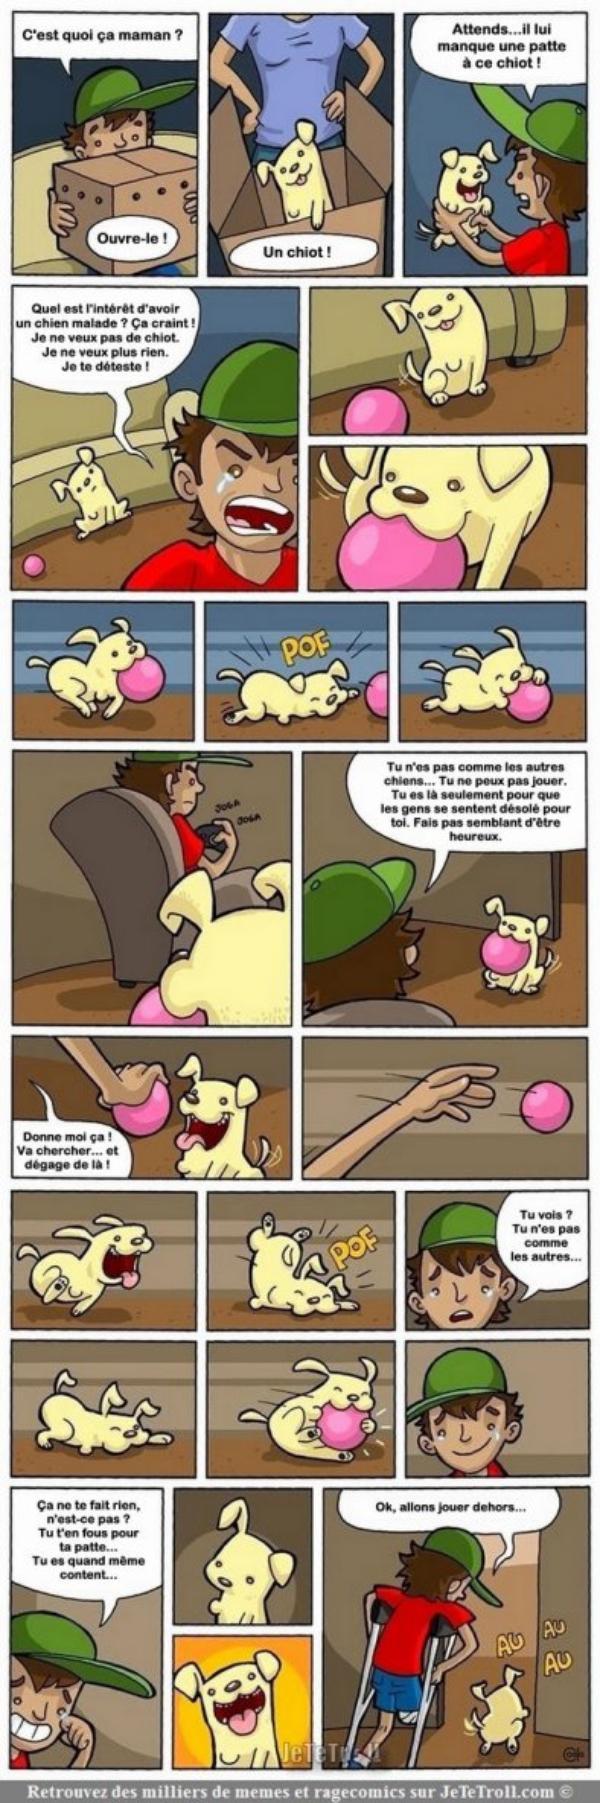 Belle leçon de vie